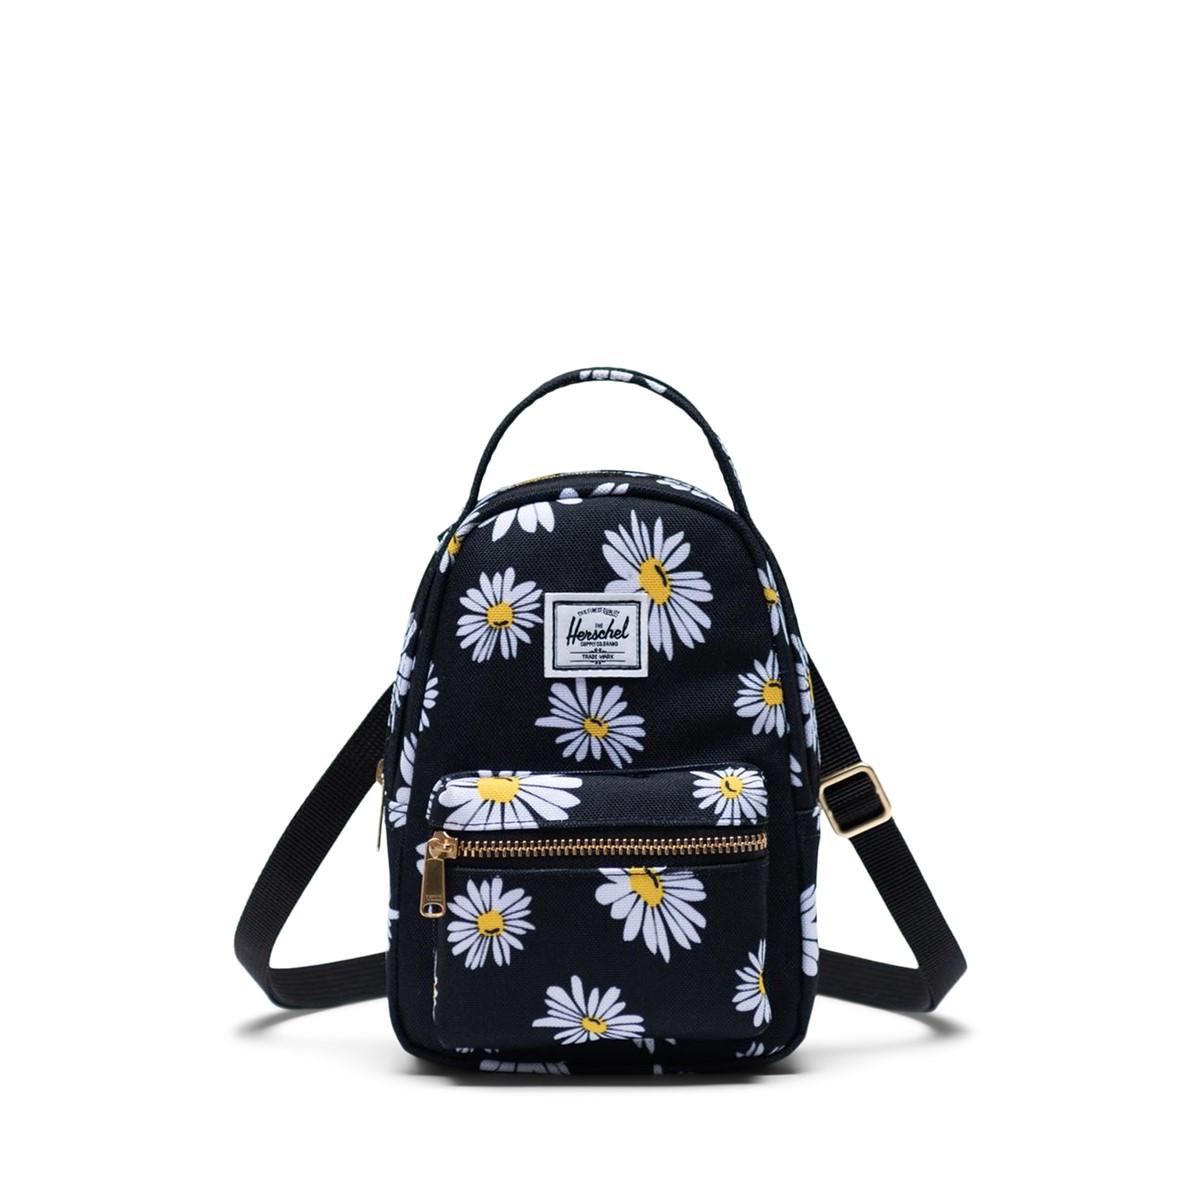 Daisy Nova Crossbody Bag in Black